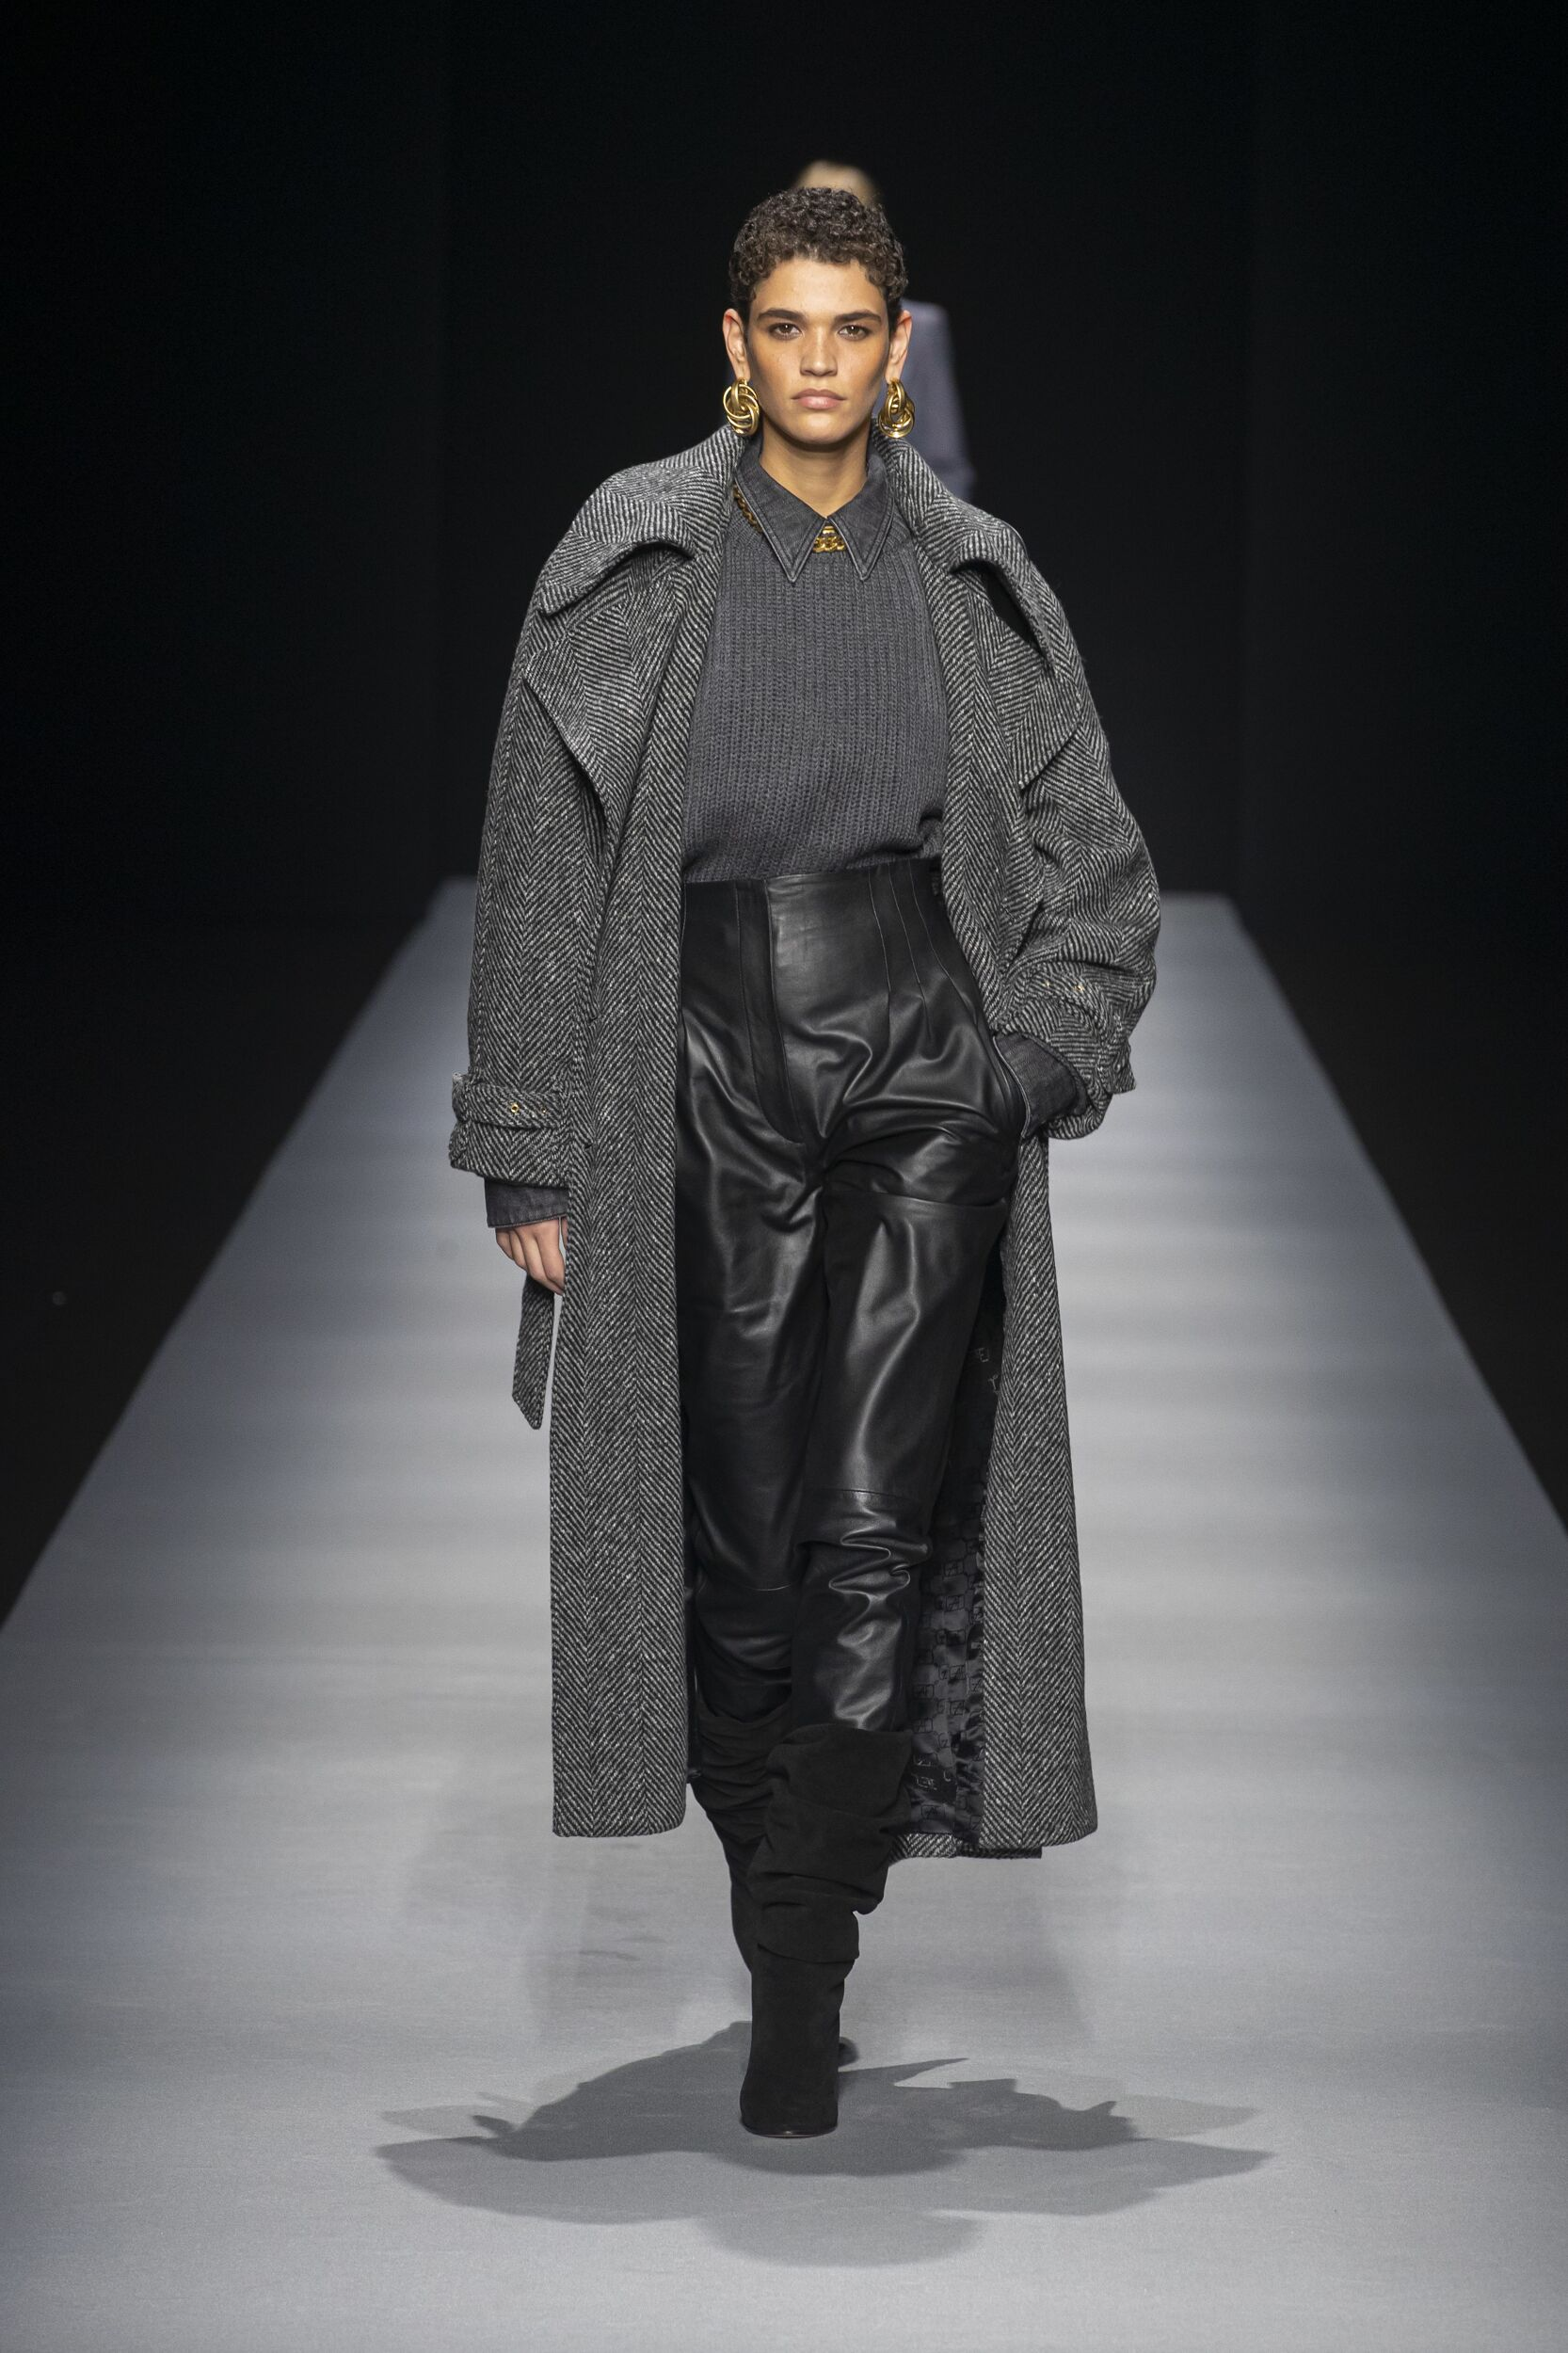 Winter 2020 Woman Trends Alberta Ferretti